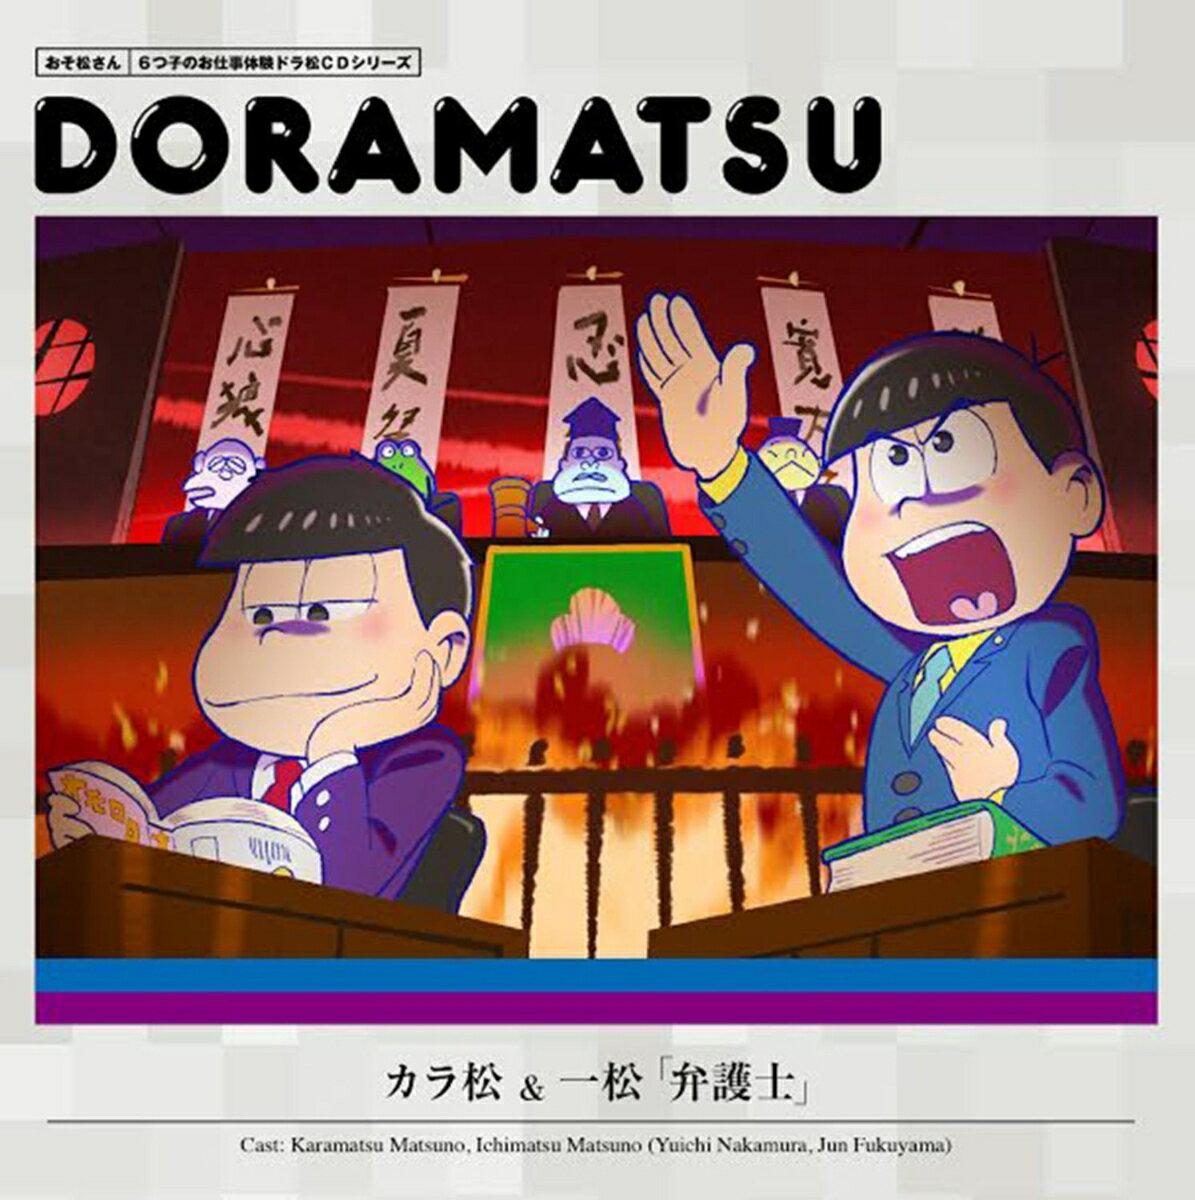 おそ松さん 6つ子のお仕事体験ドラ松CDシリーズ カラ松&一松『弁護士』画像